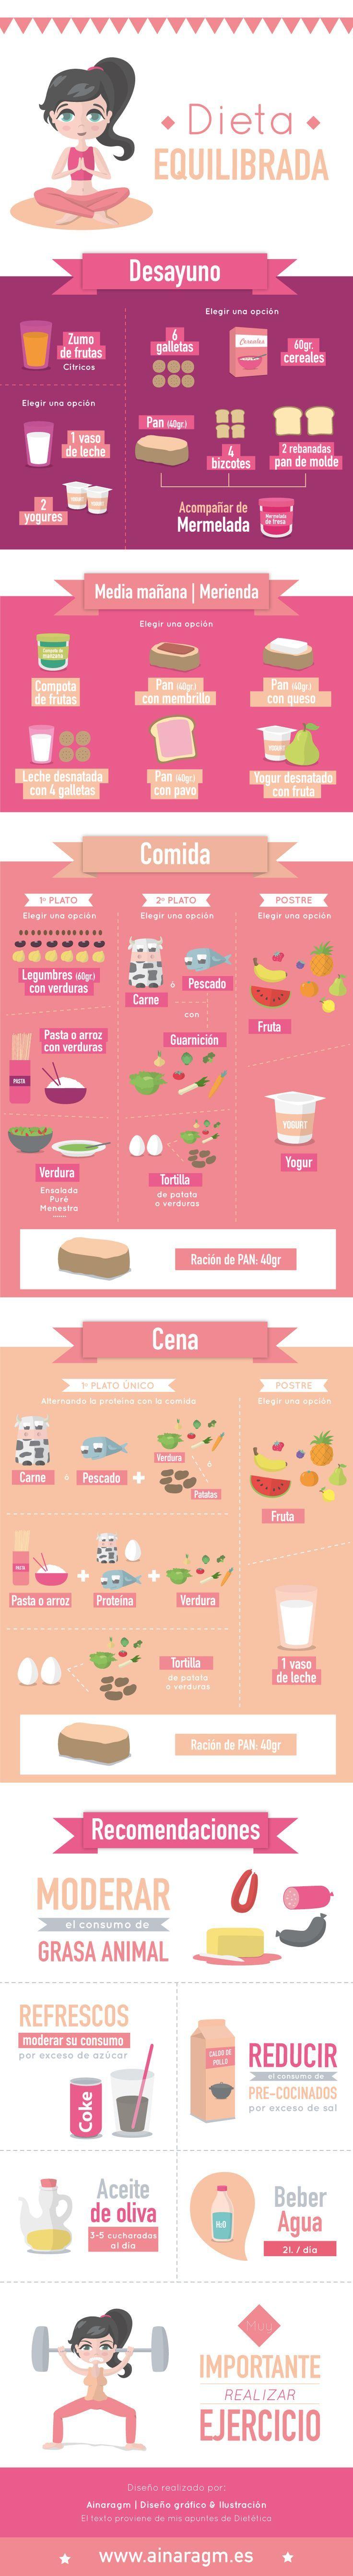 Infrografia de Una Dieta Equilibrada.. http://www.gorditosenlucha.com/